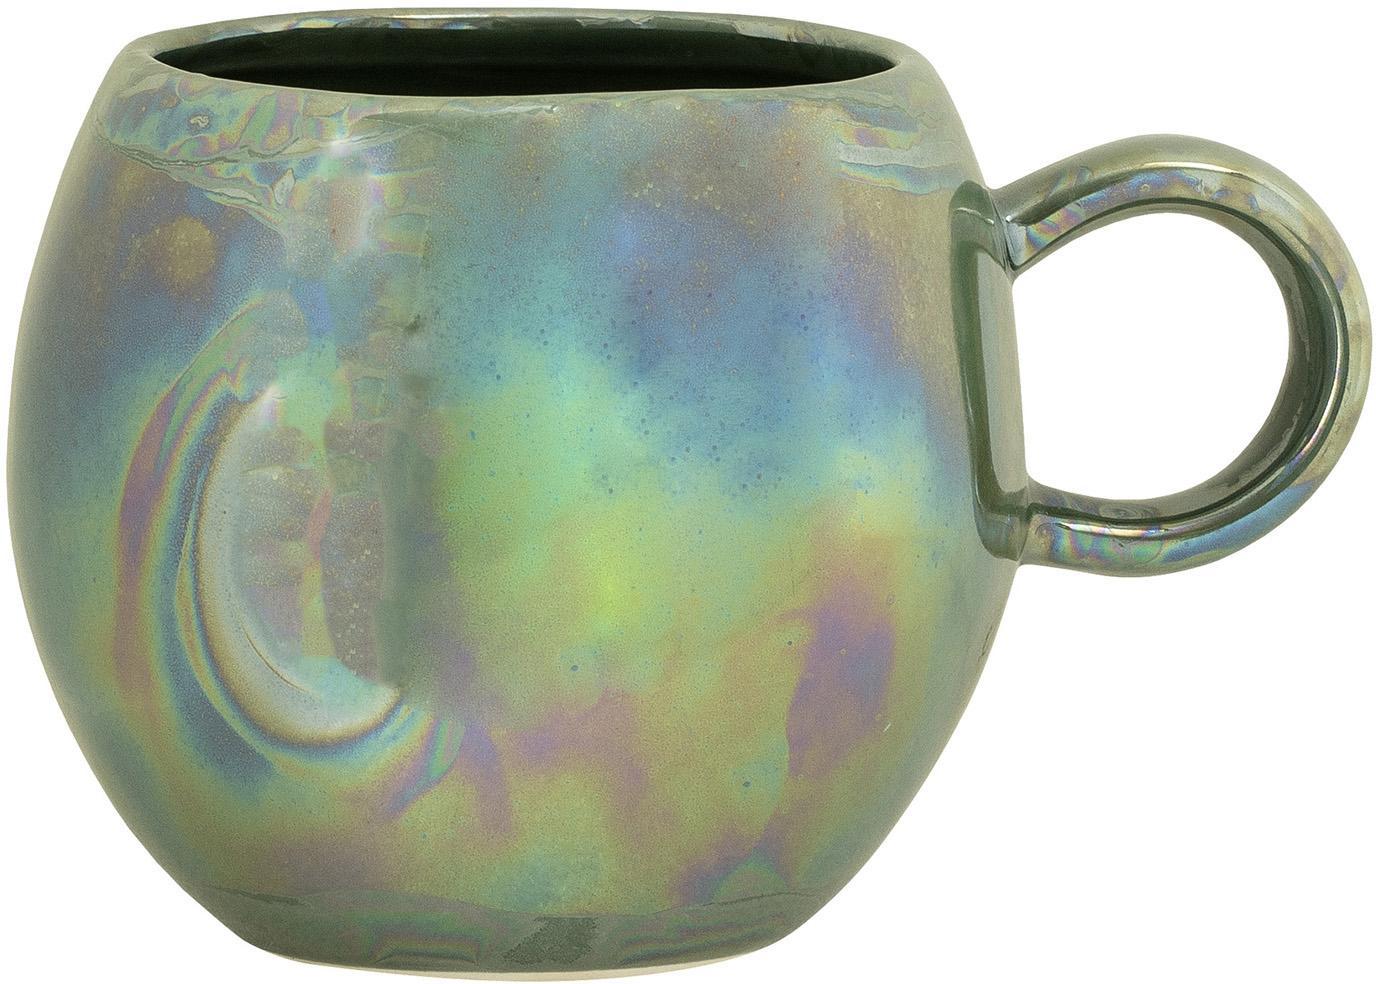 Kubek Pino, Ceramika, Zielony, Ø 9 x 8 cm